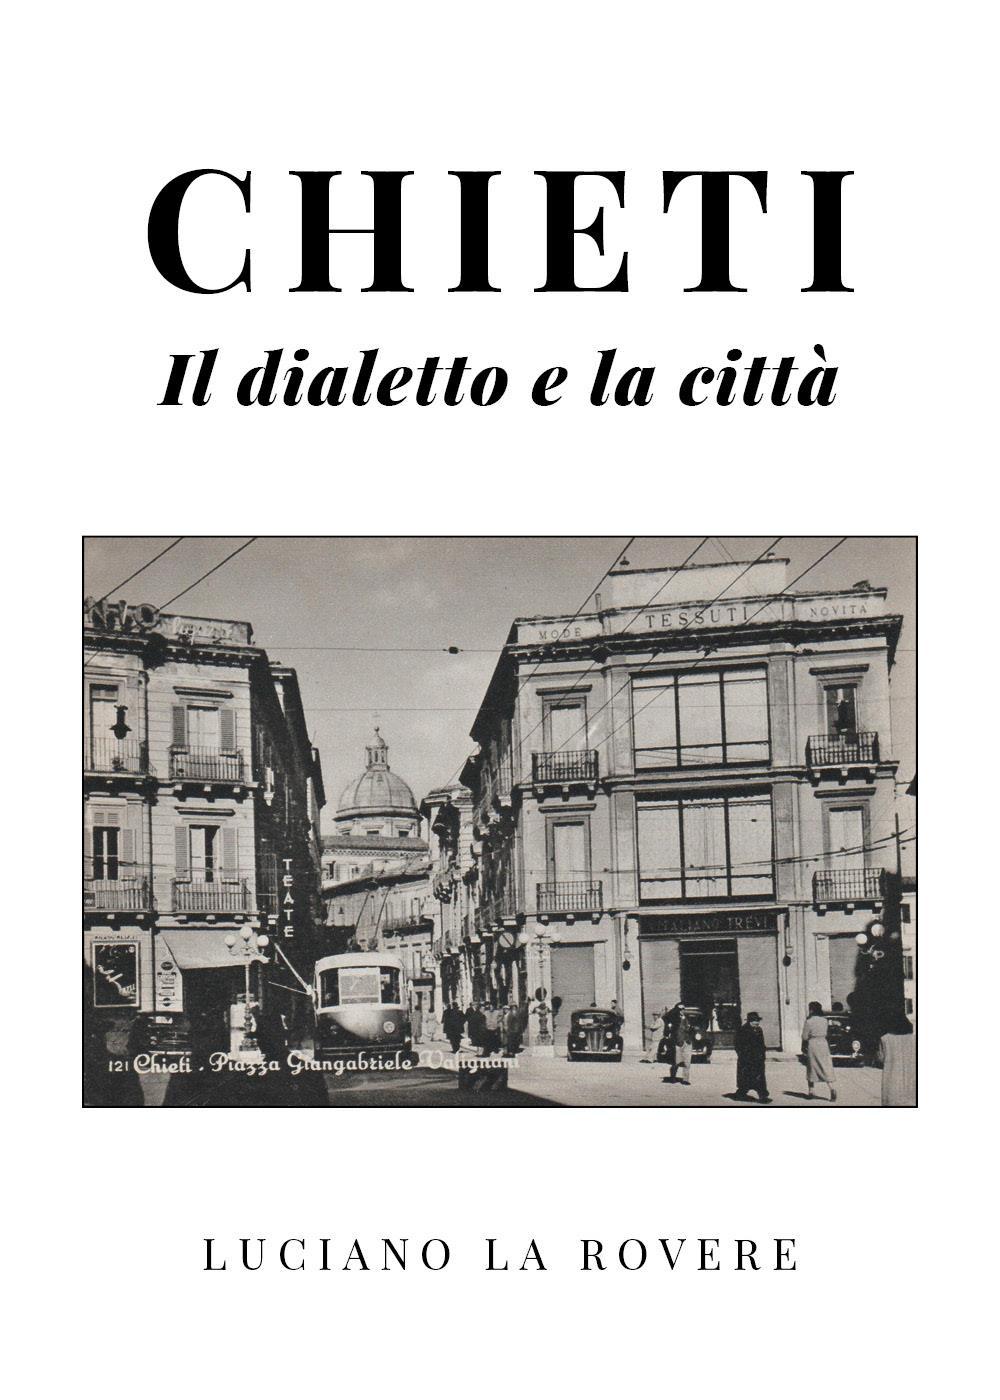 Chieti - il dialetto e la città